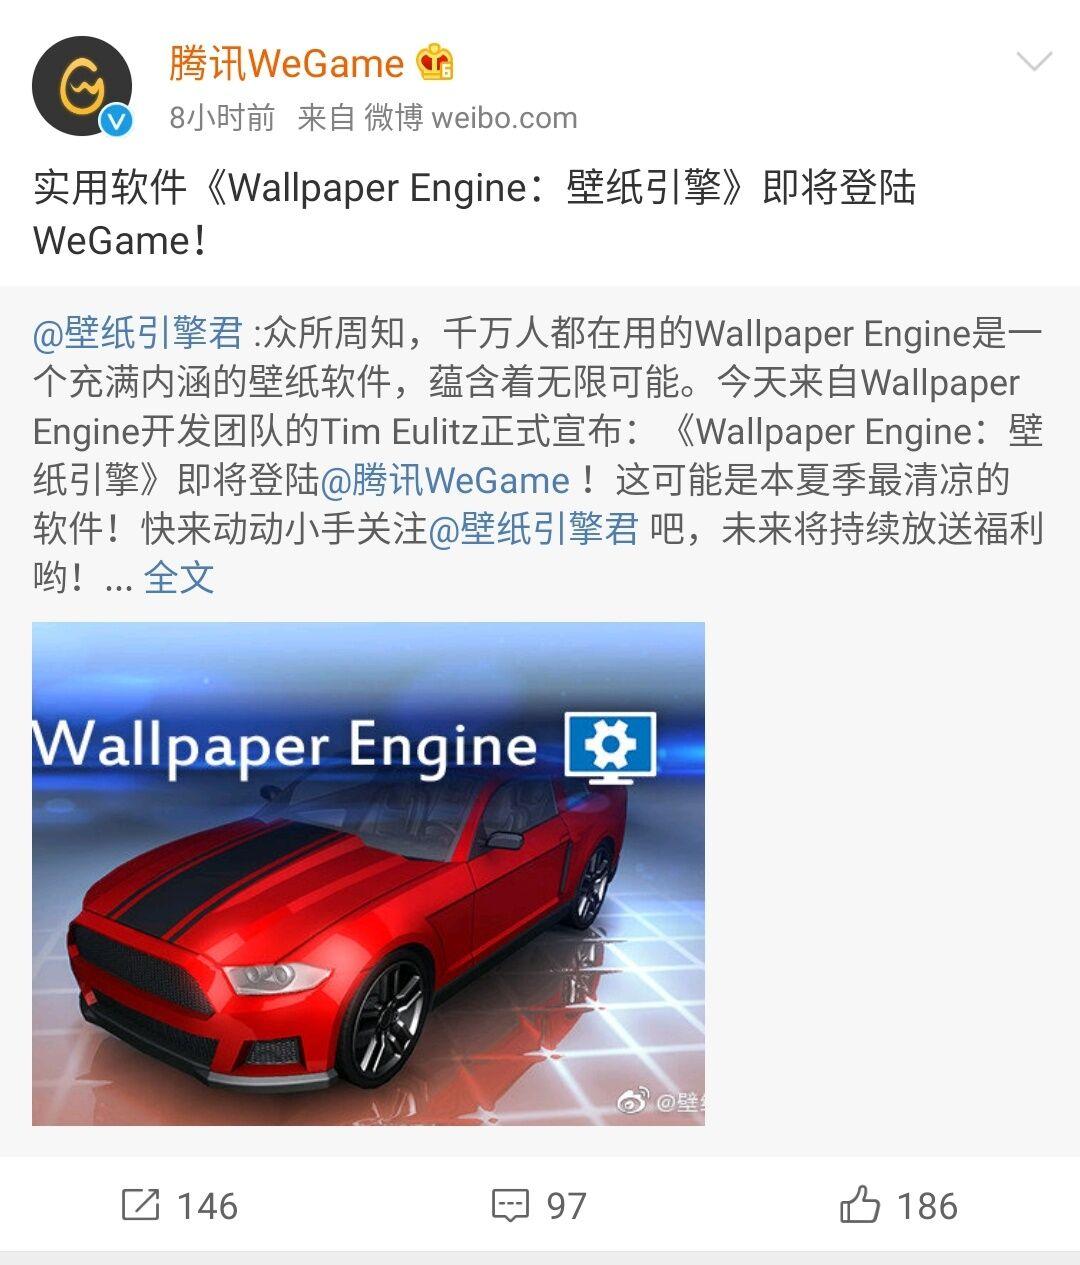 《Wallpaper Engine:壁纸引擎》即将登陆Wegame商店